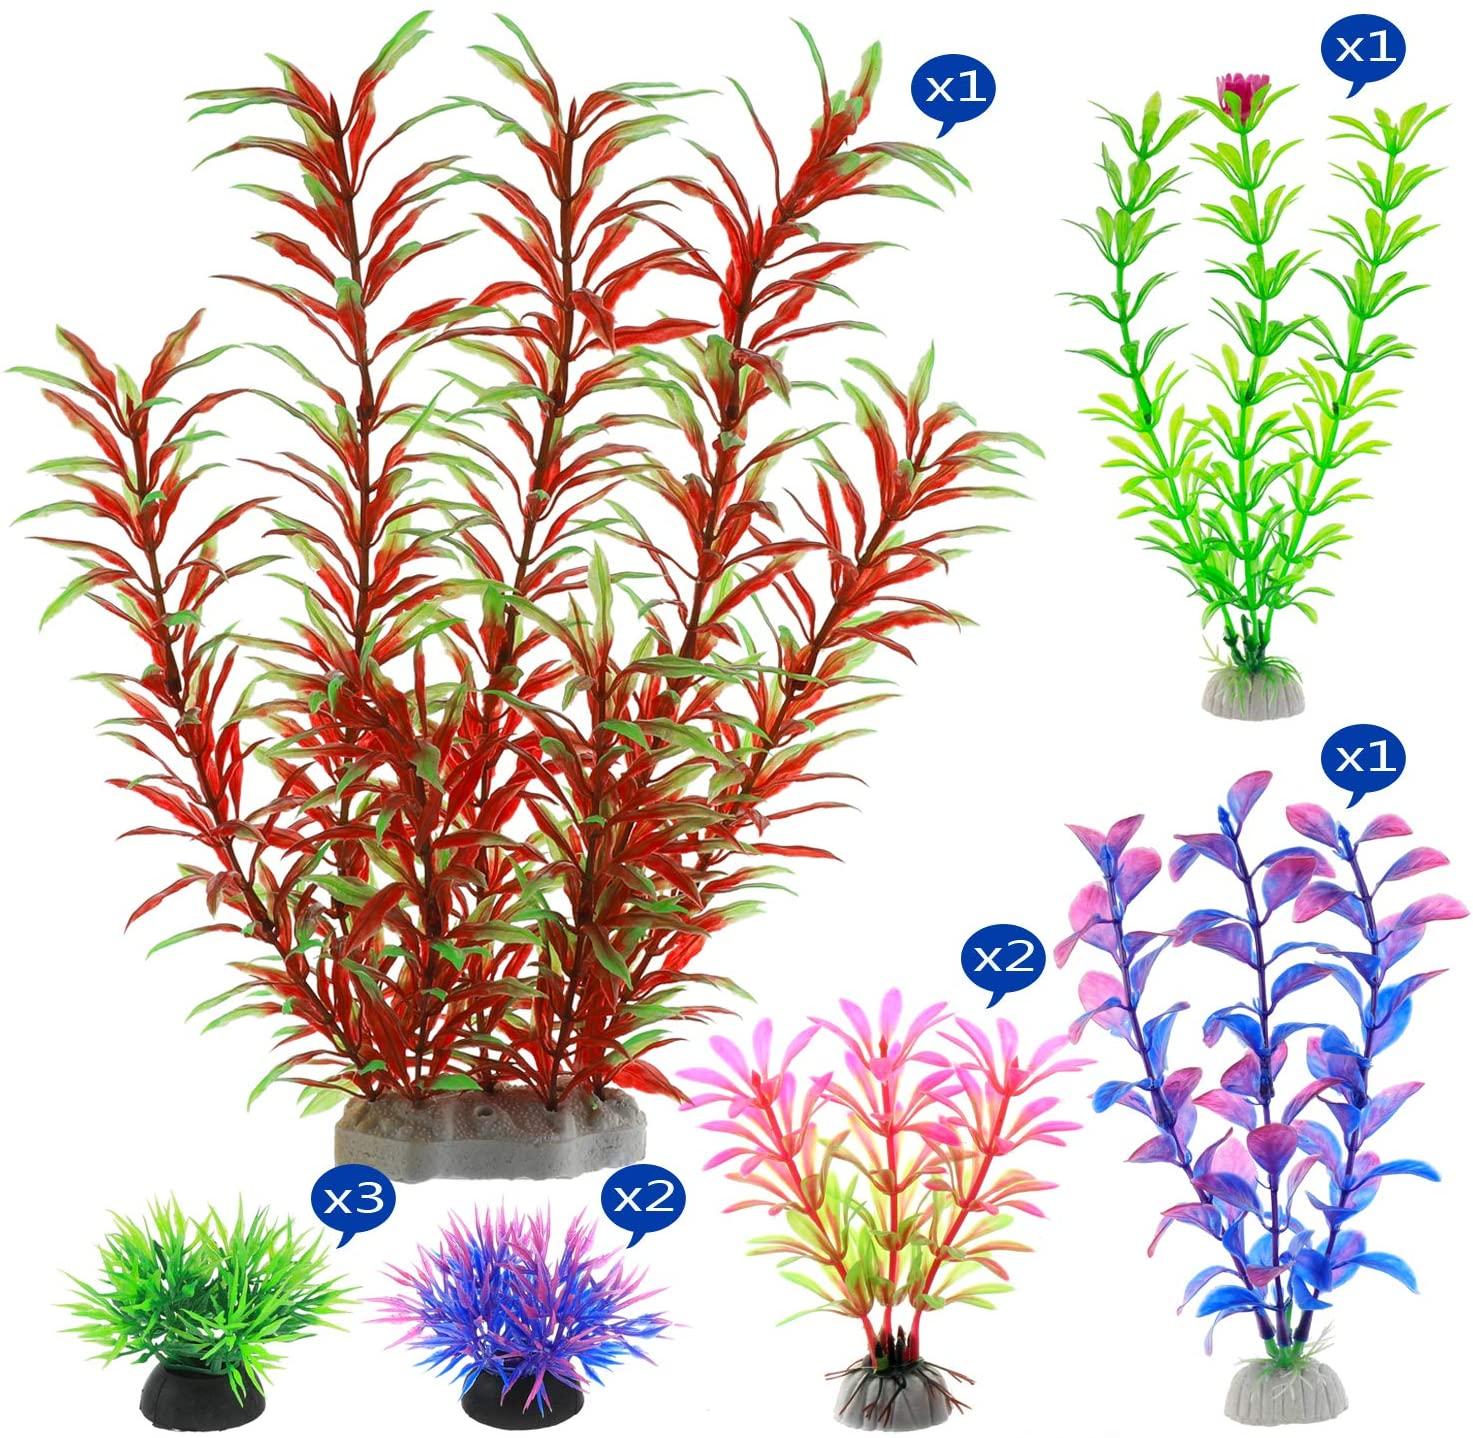 Alegi Artificial Aquatic Plants 10 Pack Aquarium Plants Plastic Fish Tank Decorations for Table Fish Tank